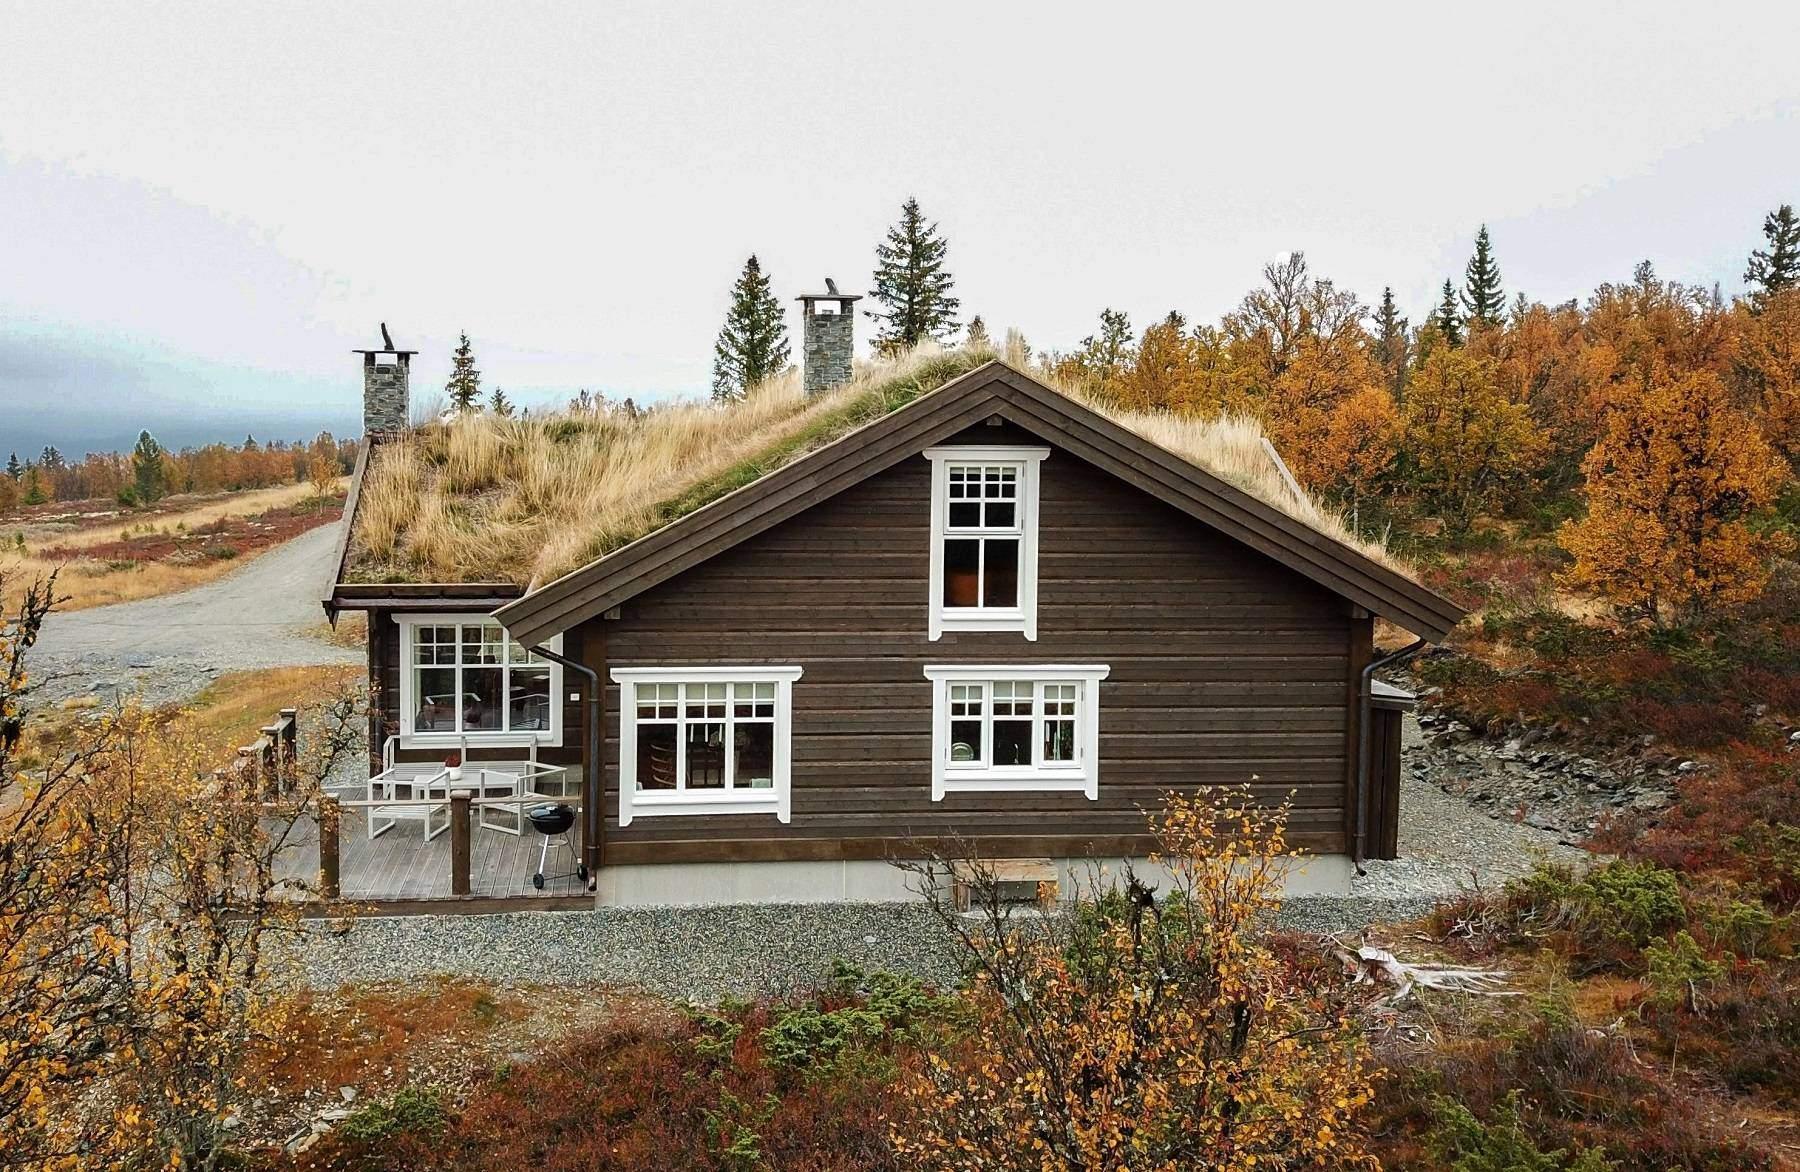 34 Hyttemodell Hytte Hemsedal 120